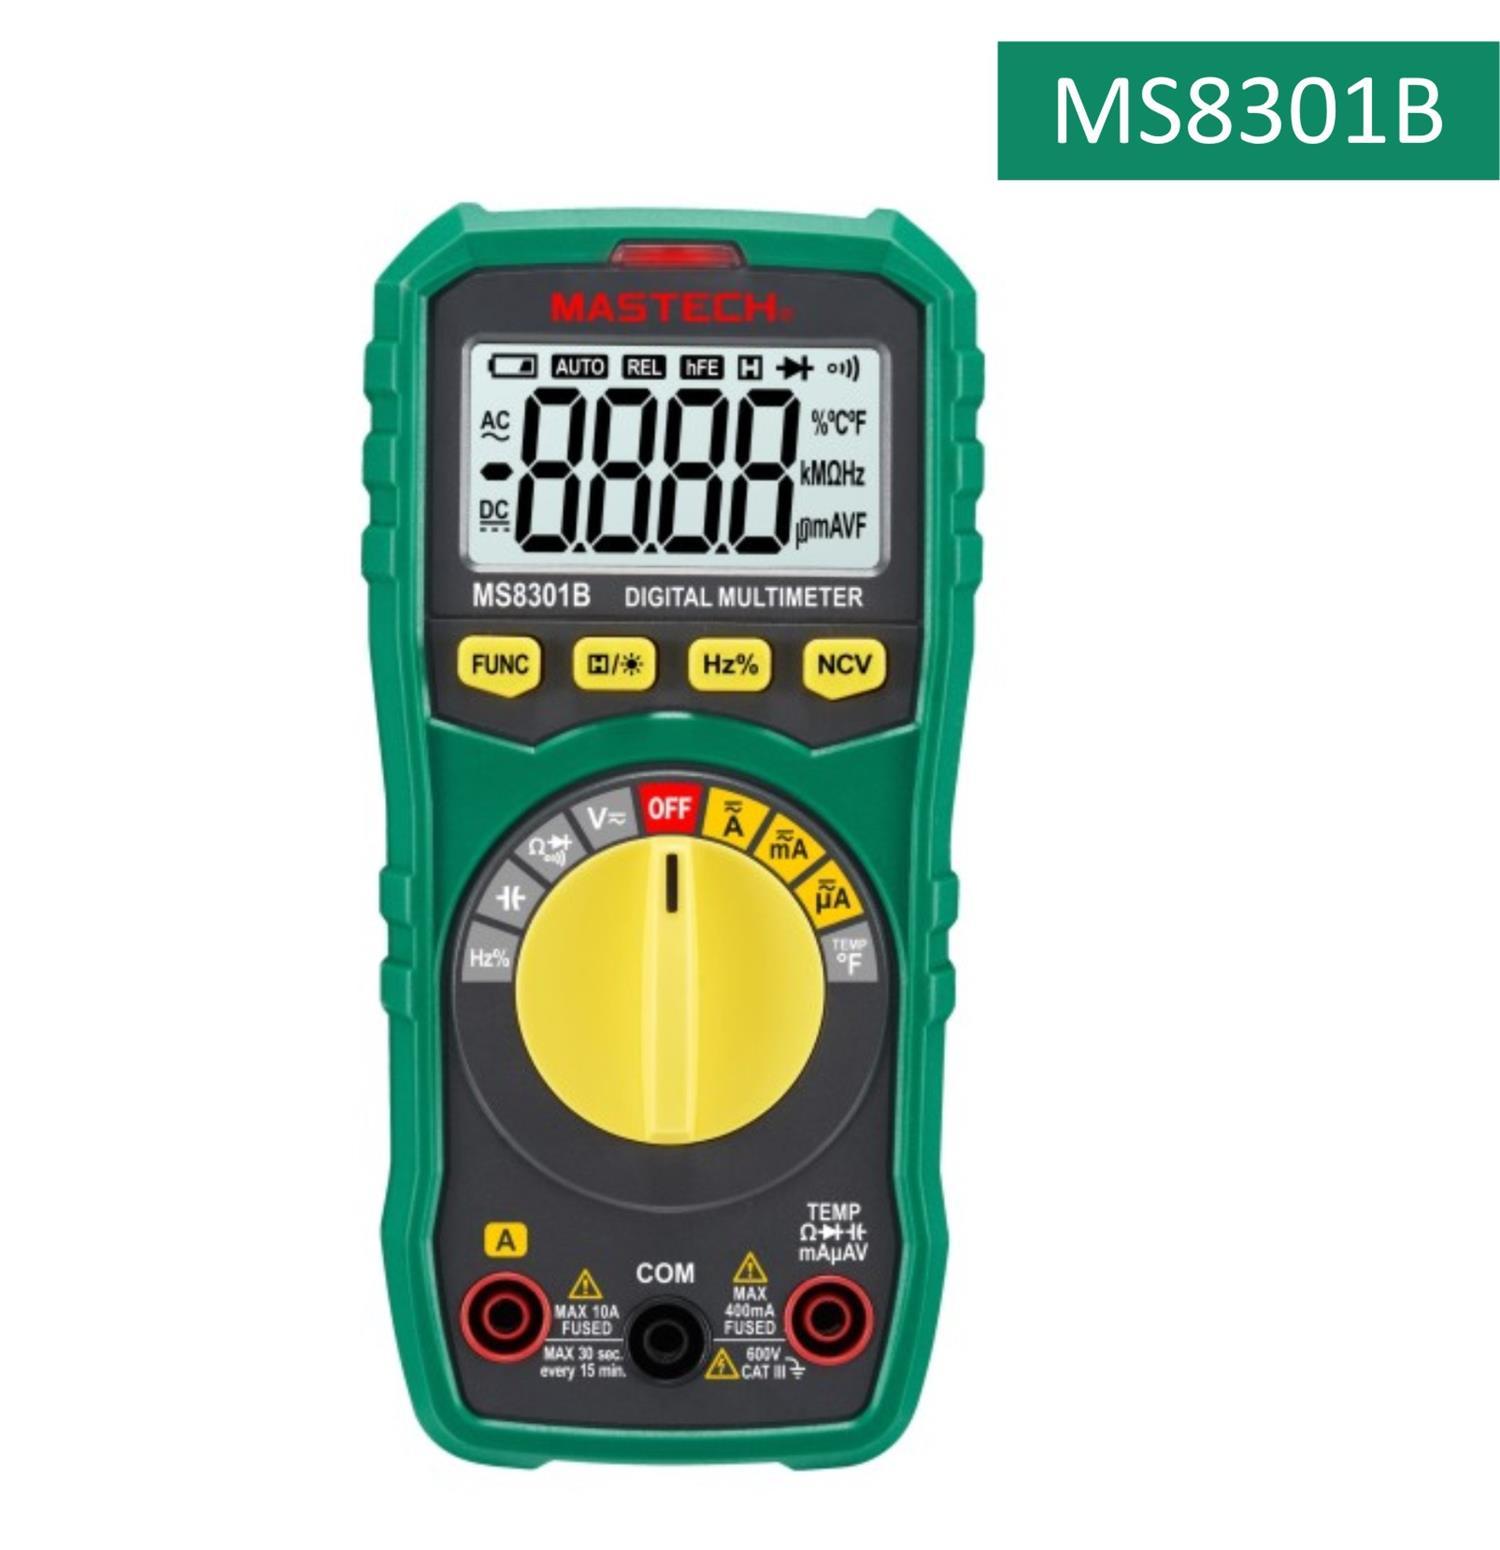 MS8301B